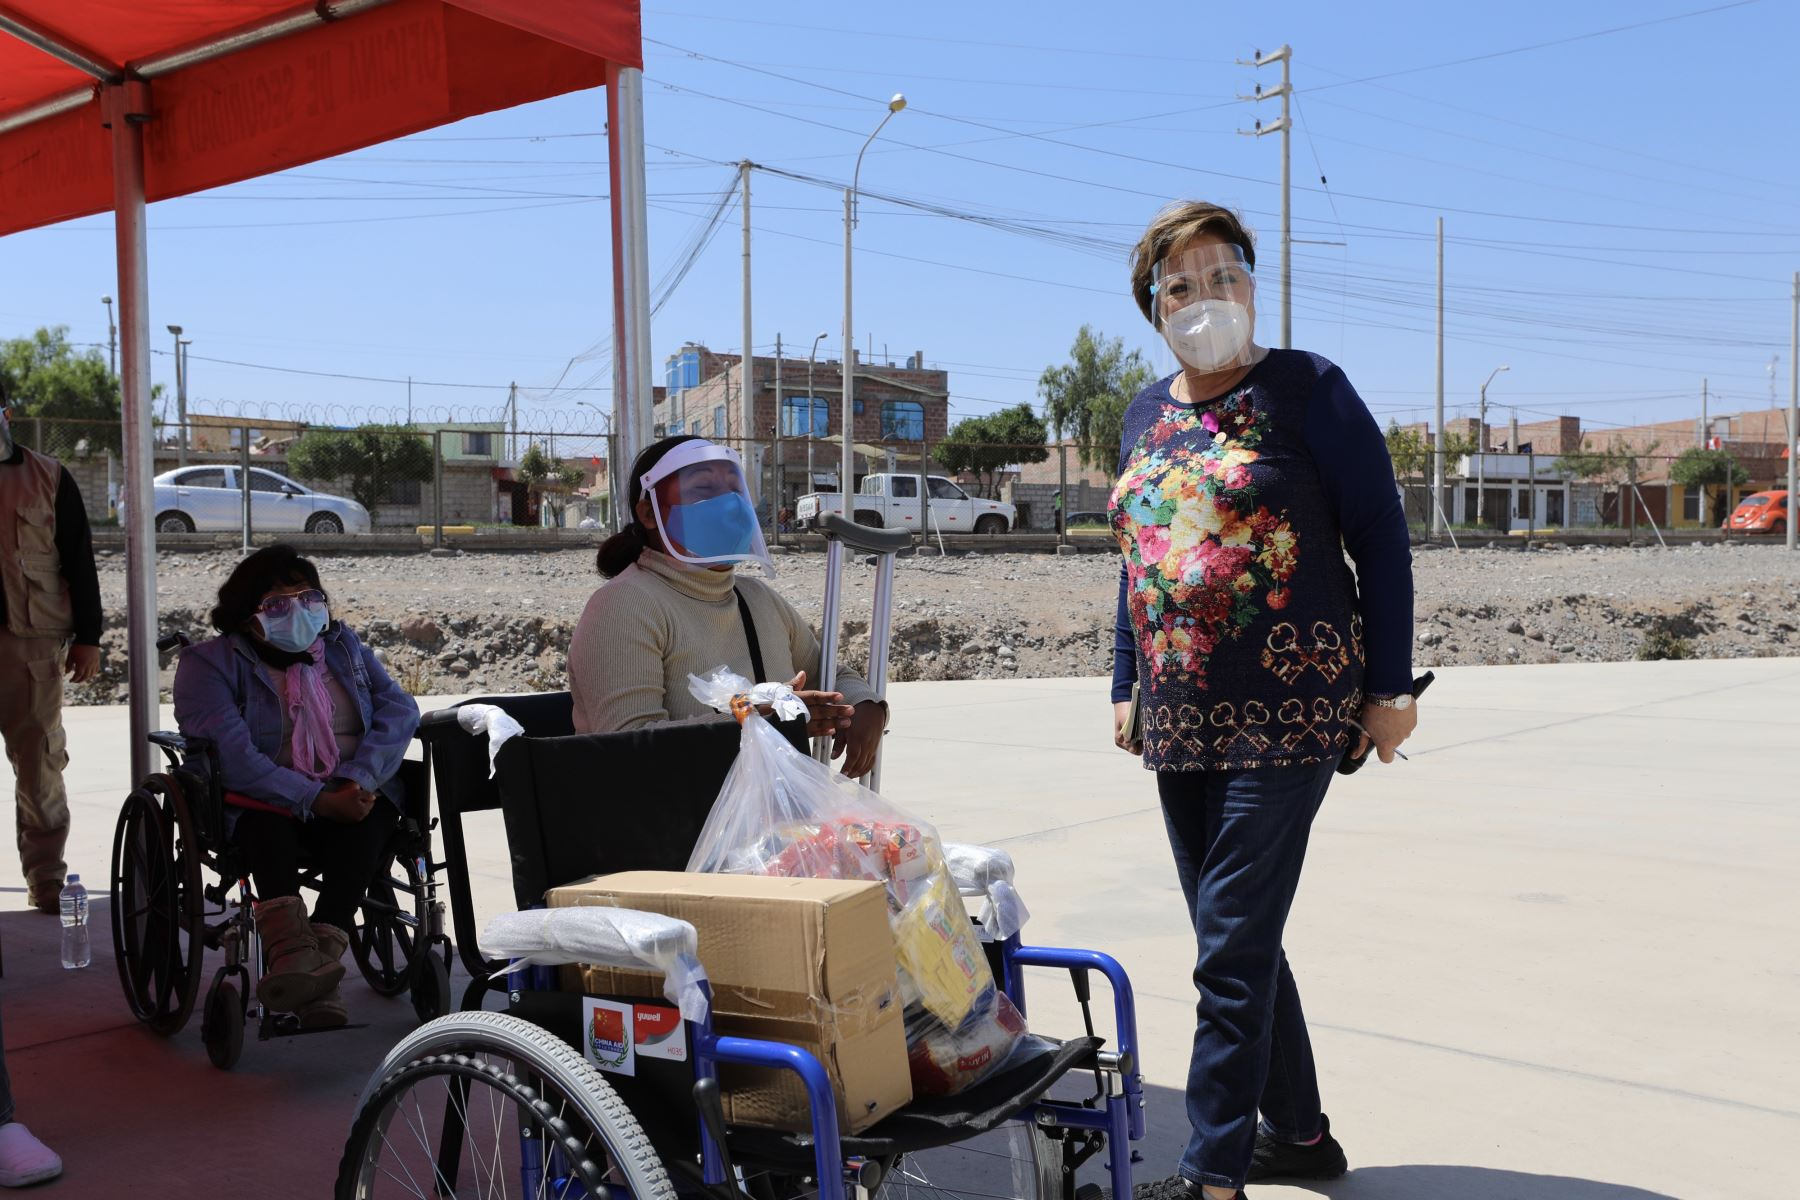 La ministra de la Mujer y Poblaciones Vulnerables, Rosario Sasieta, se reunió en la región Tacna con los coordinadores del programa Aurora, Conadis y otros servicios que brinda dicho portafolio, y entregó sillas de ruedas a las personas con discapacidad en situación de pobreza y pobreza extrema en la región Tacna. Foto: ANDINA/difusión.